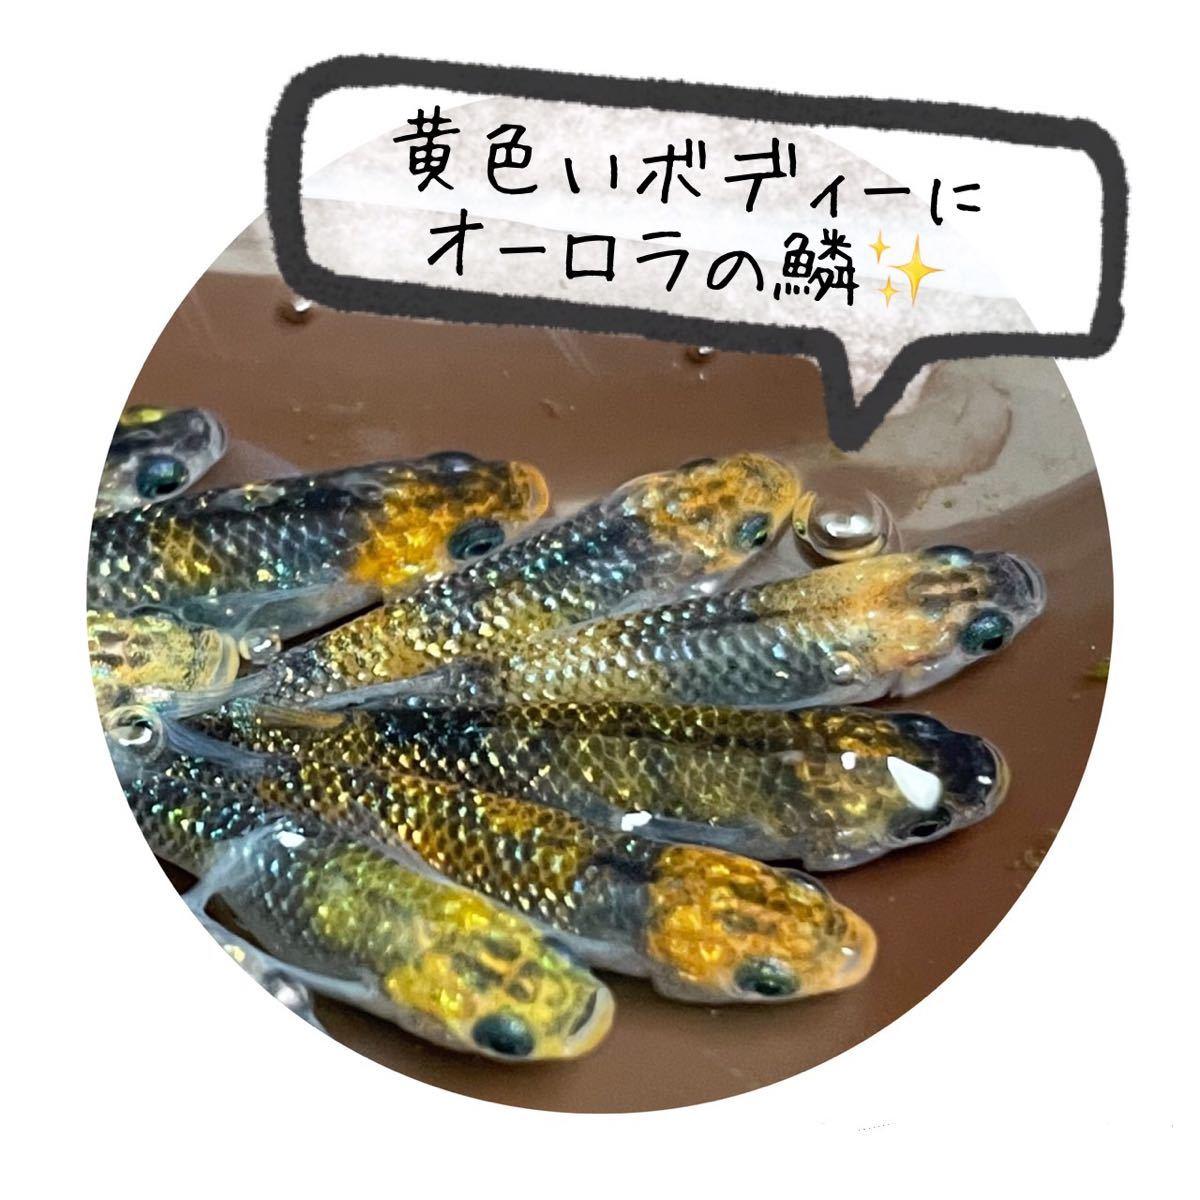 オーロラ黄ラメめだか 有精卵30個+α メダカ卵_画像2